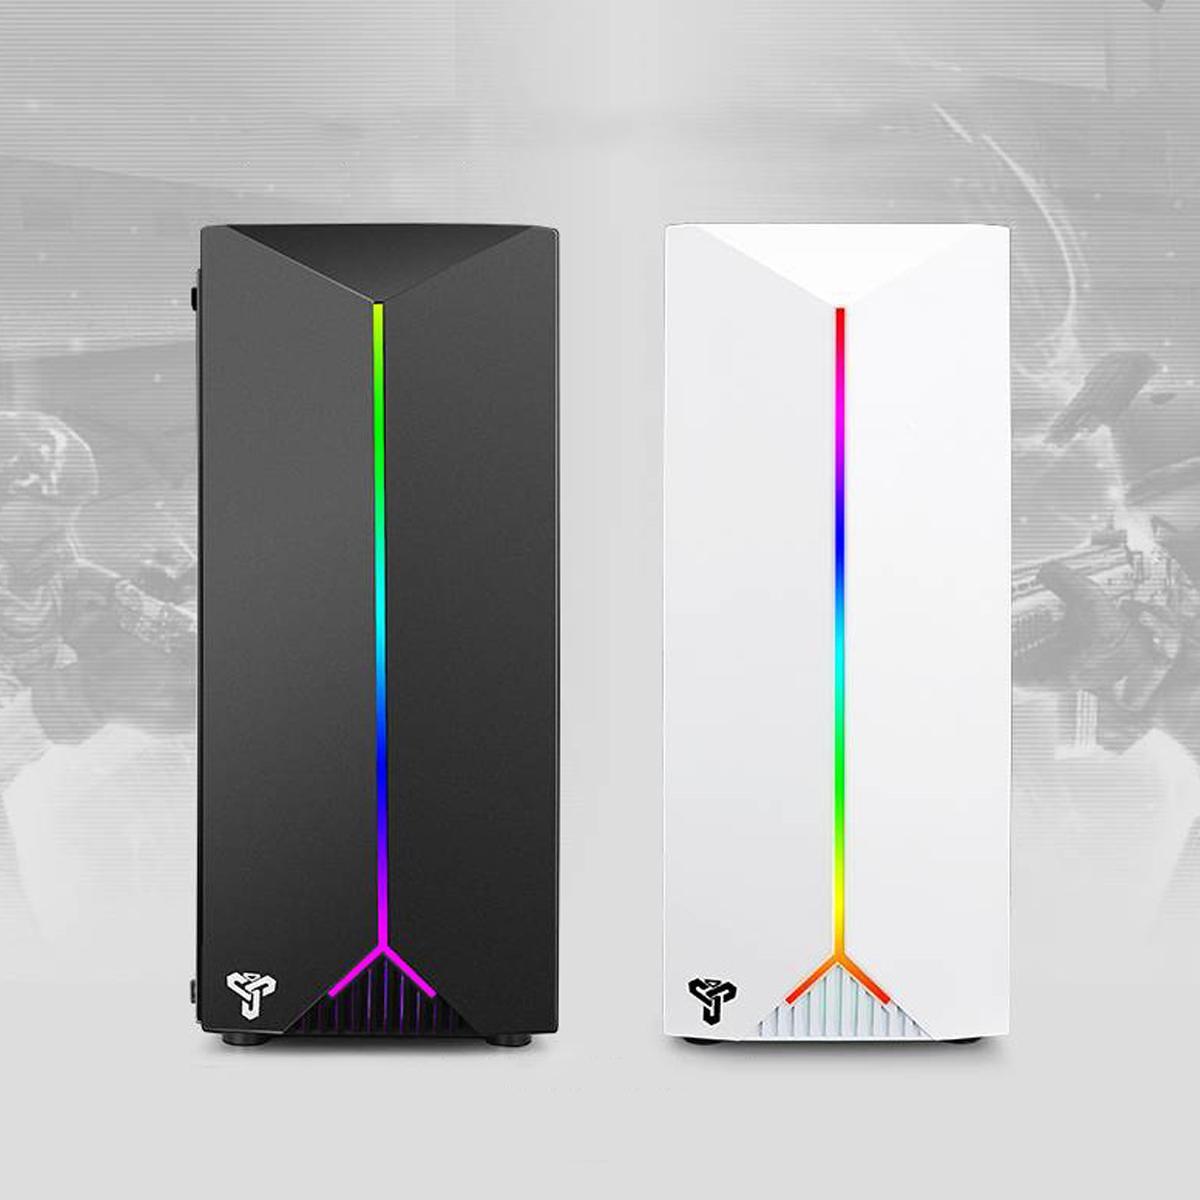 LEORY Gaming Pc boîtier acrylique Transparent panneaux latéraux concours électrique jeu avec RGB ceinture support USB3.0 4 ventilateur de refroidissement - 5